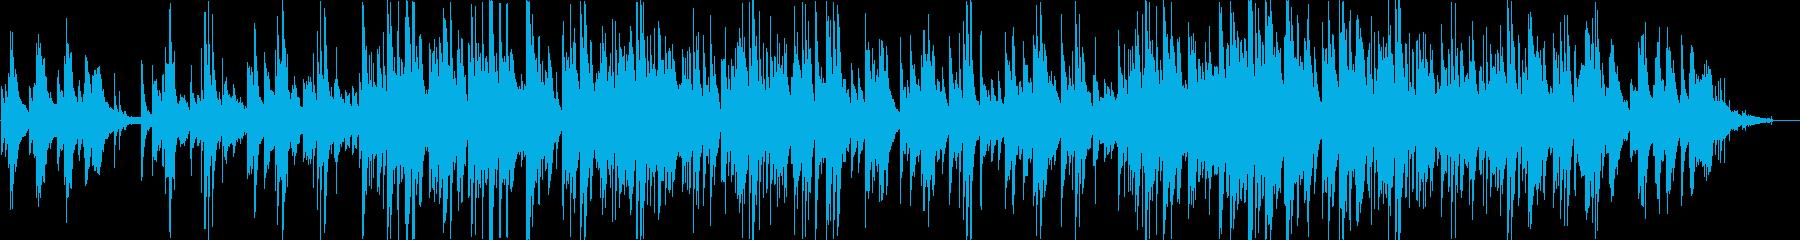 ピアノとギターが印象的なバラードの再生済みの波形